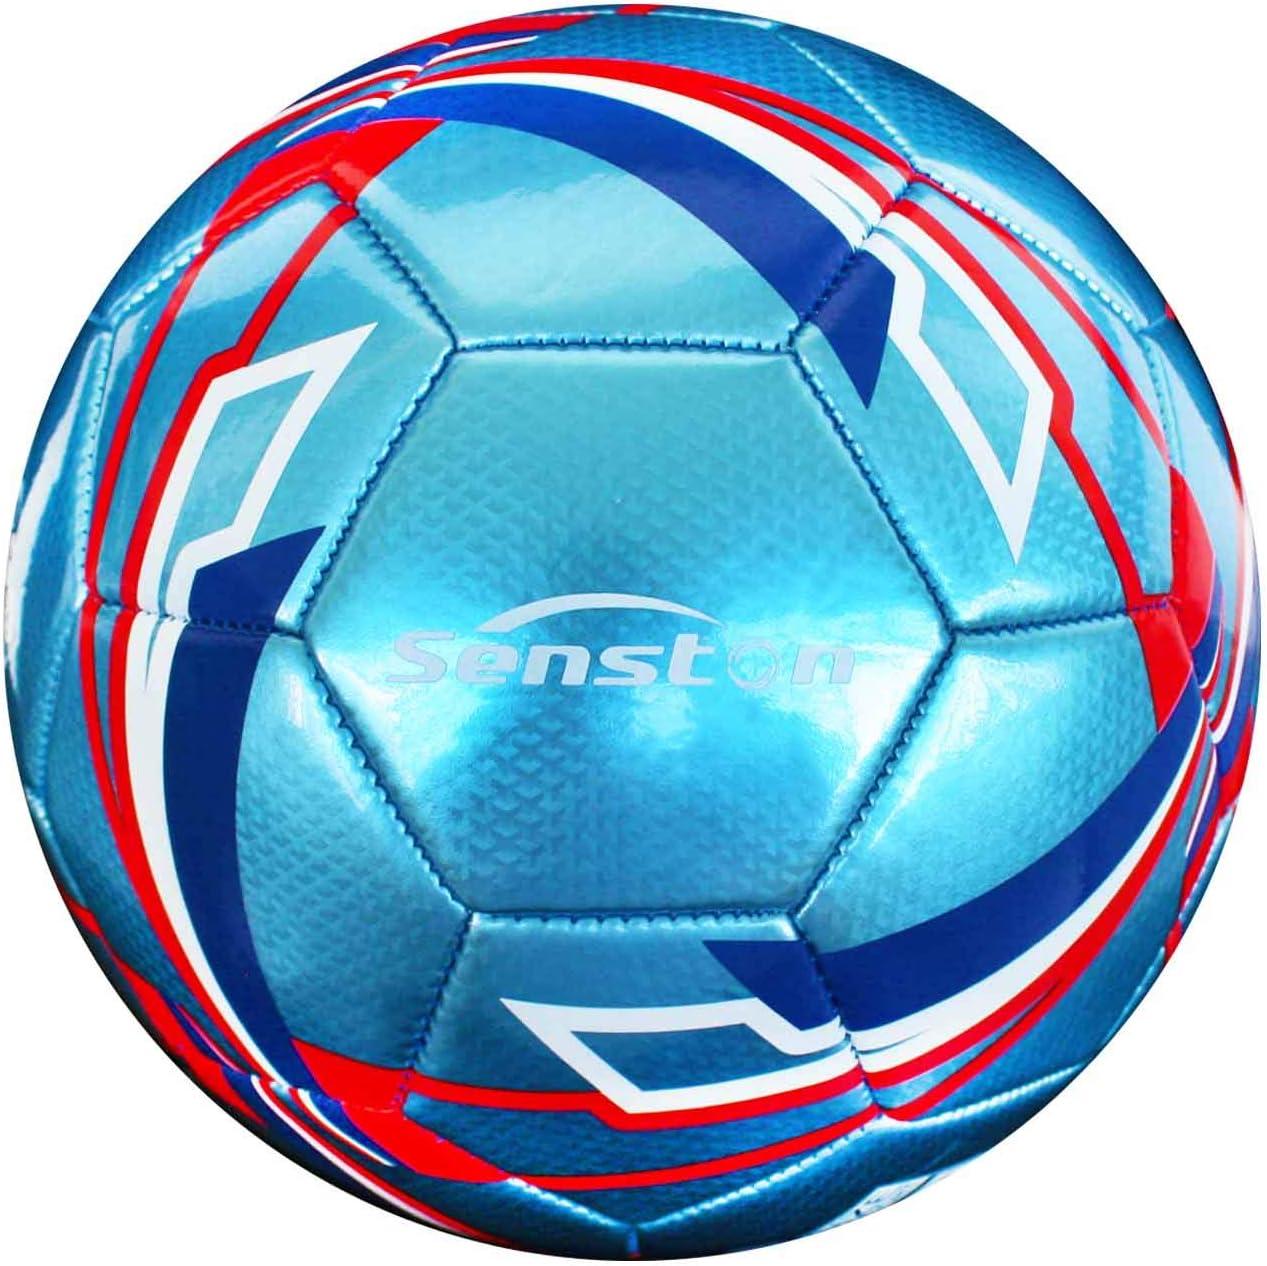 Senston Balones de Futbol Competición Training Balón Maravilloso Lustroso Balones de Fútbol de Entrenamiento Tamaño 5: Amazon.es: Deportes y aire libre